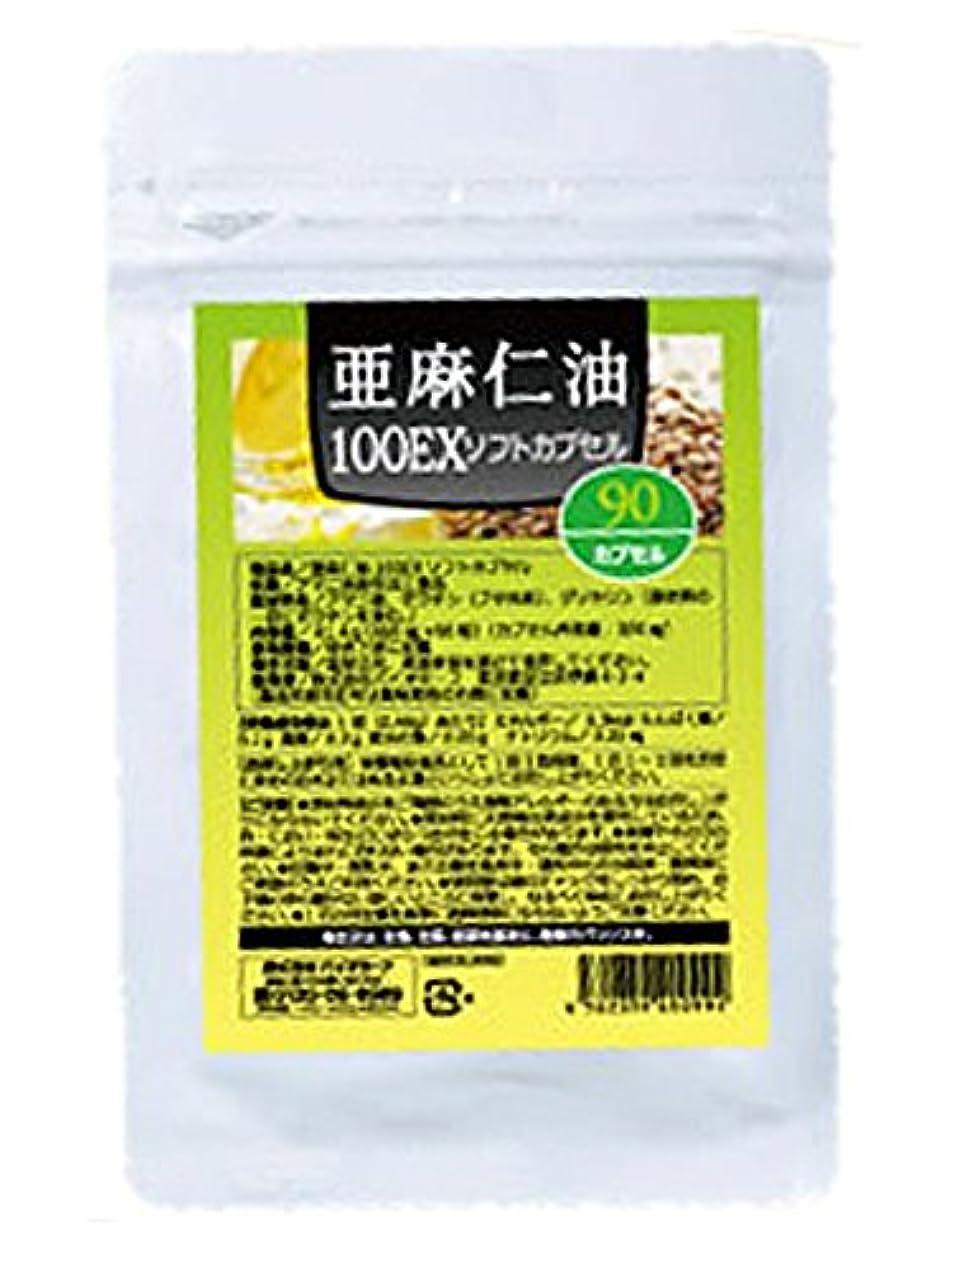 束対処する財団亜麻仁油100EXソフトカプセル 90粒入